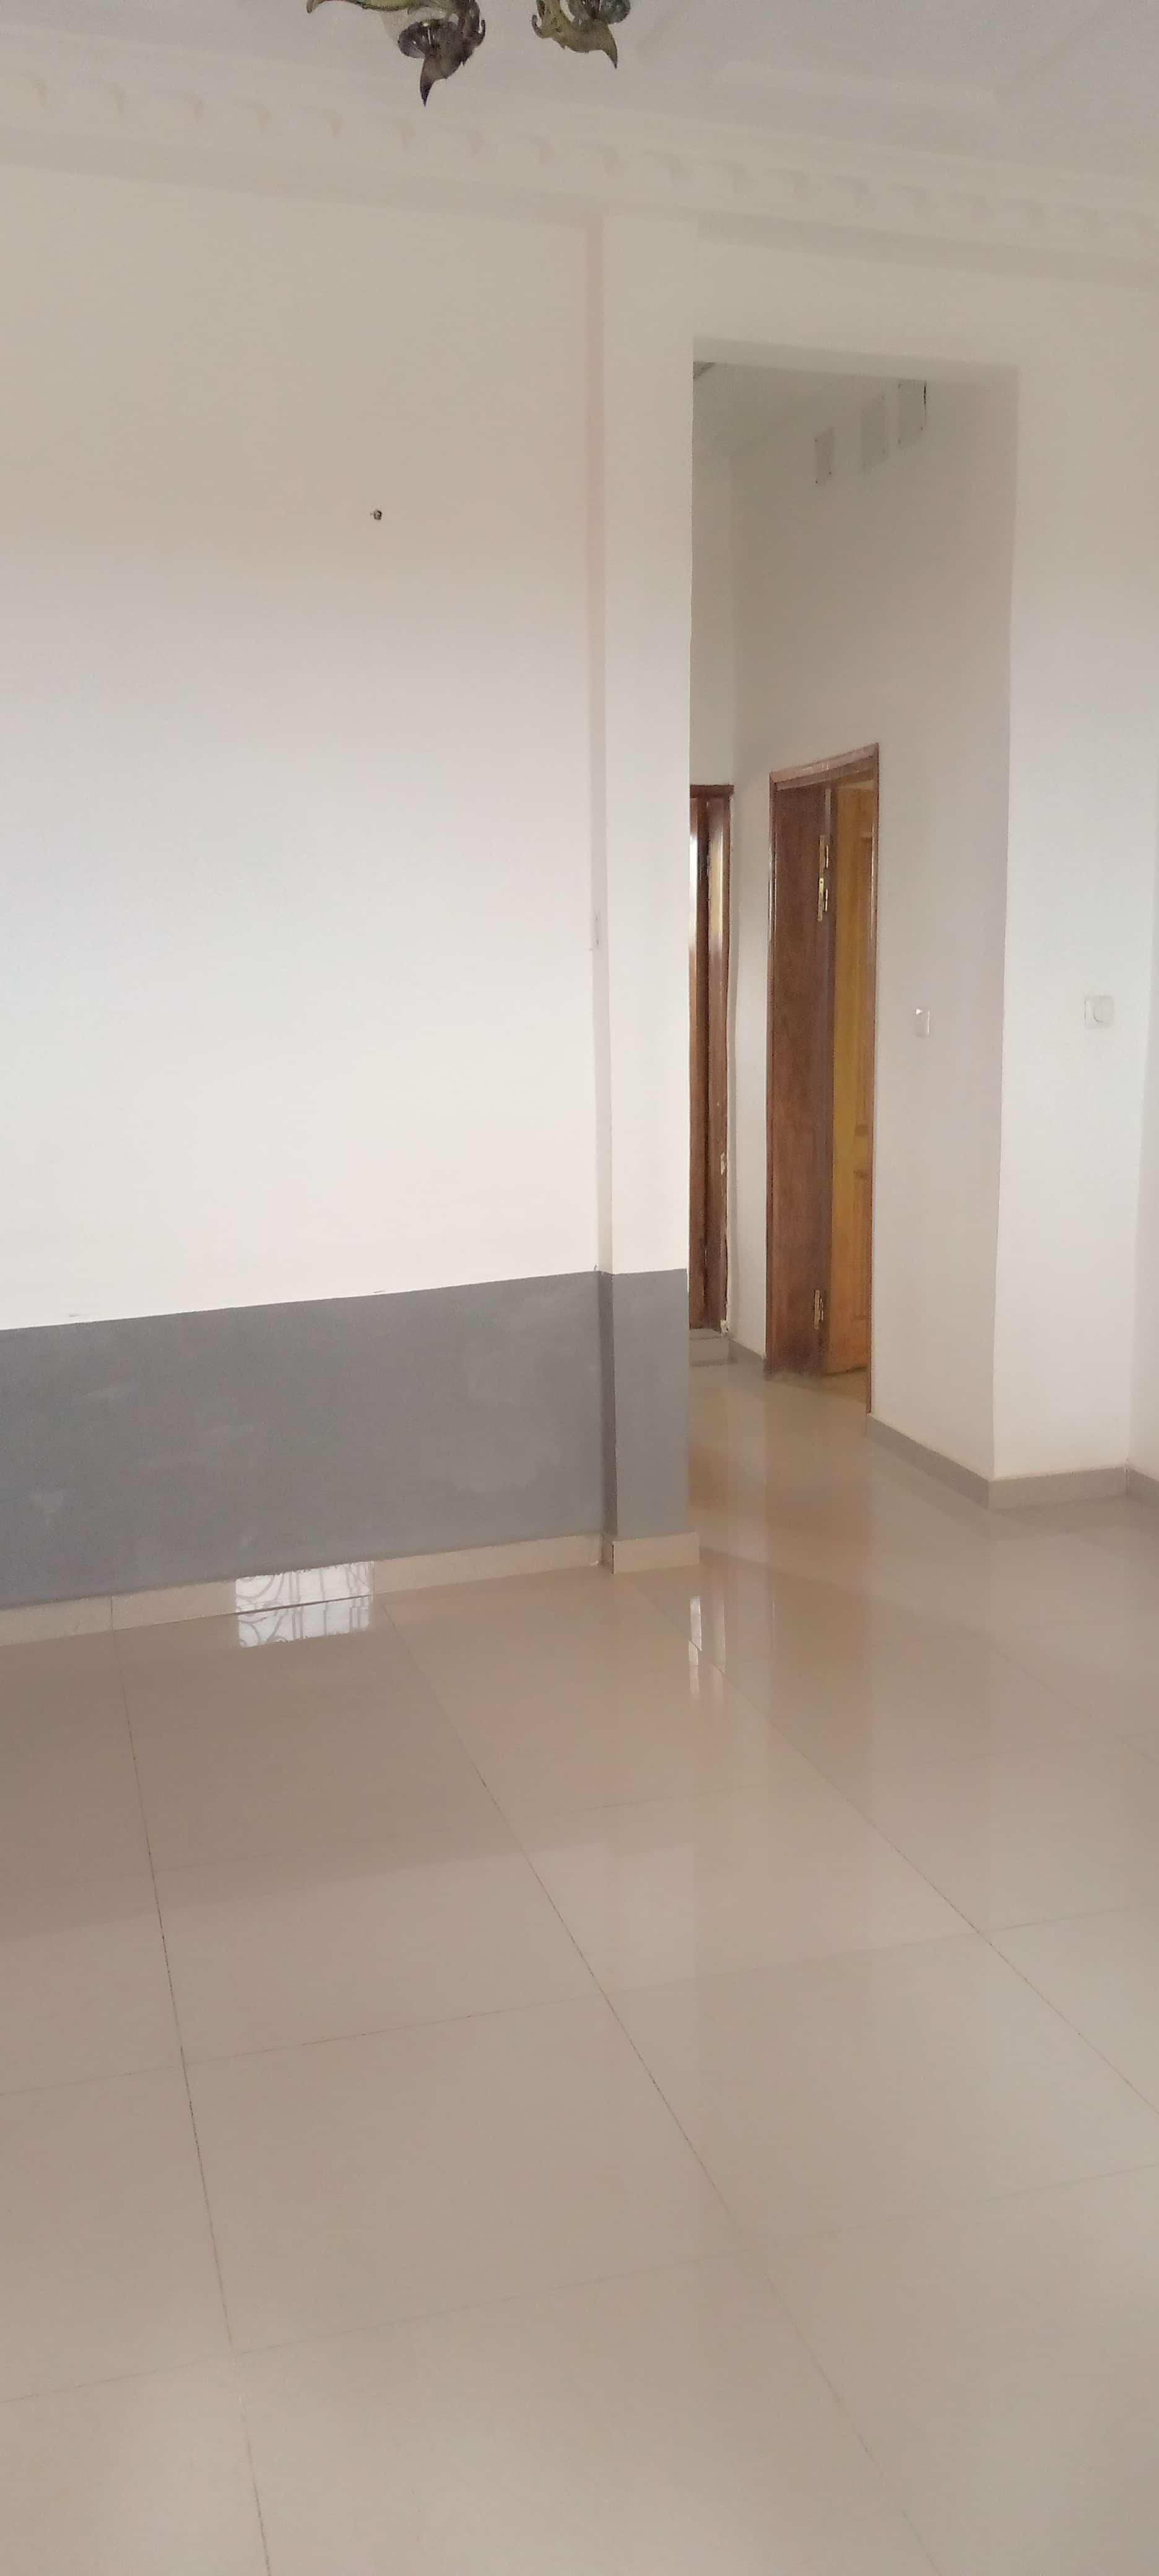 Apartment to rent - Yaoundé, Bastos, Pas loin du rond point - 1 living room(s), 2 bedroom(s), 2 bathroom(s) - 230 000 FCFA / month